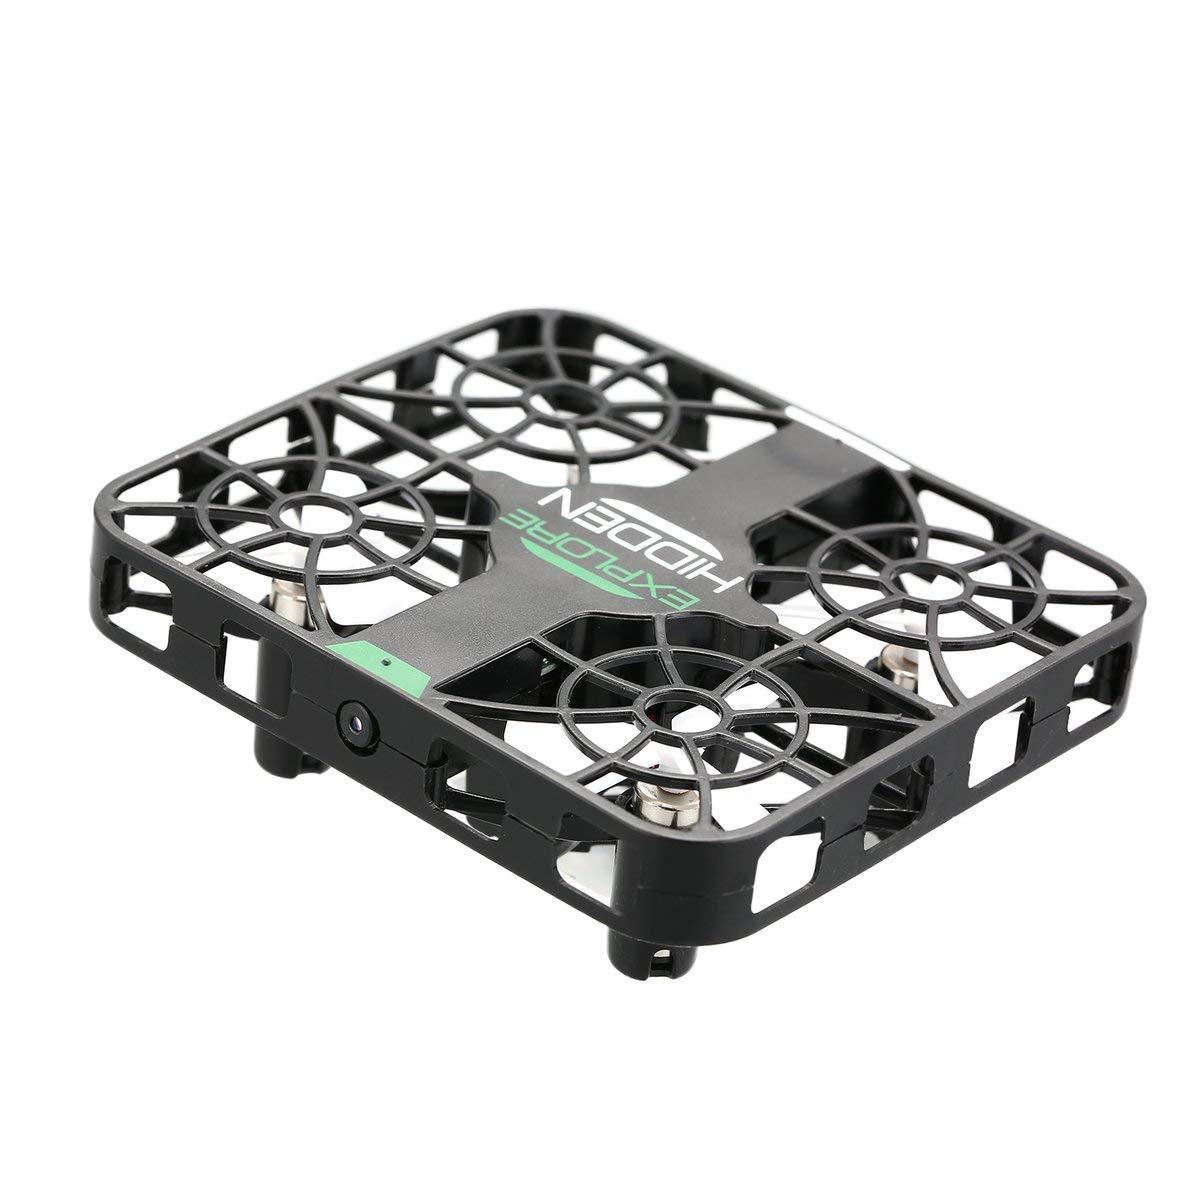 Gugutogo RC Drone QS003 2,4 Ghz Drohne Mini RC Quadcopter Drohne Flugzeug UAV mit Höhe Halten Crashworthy Struktur EIN Schlüssel Return Headless Mode